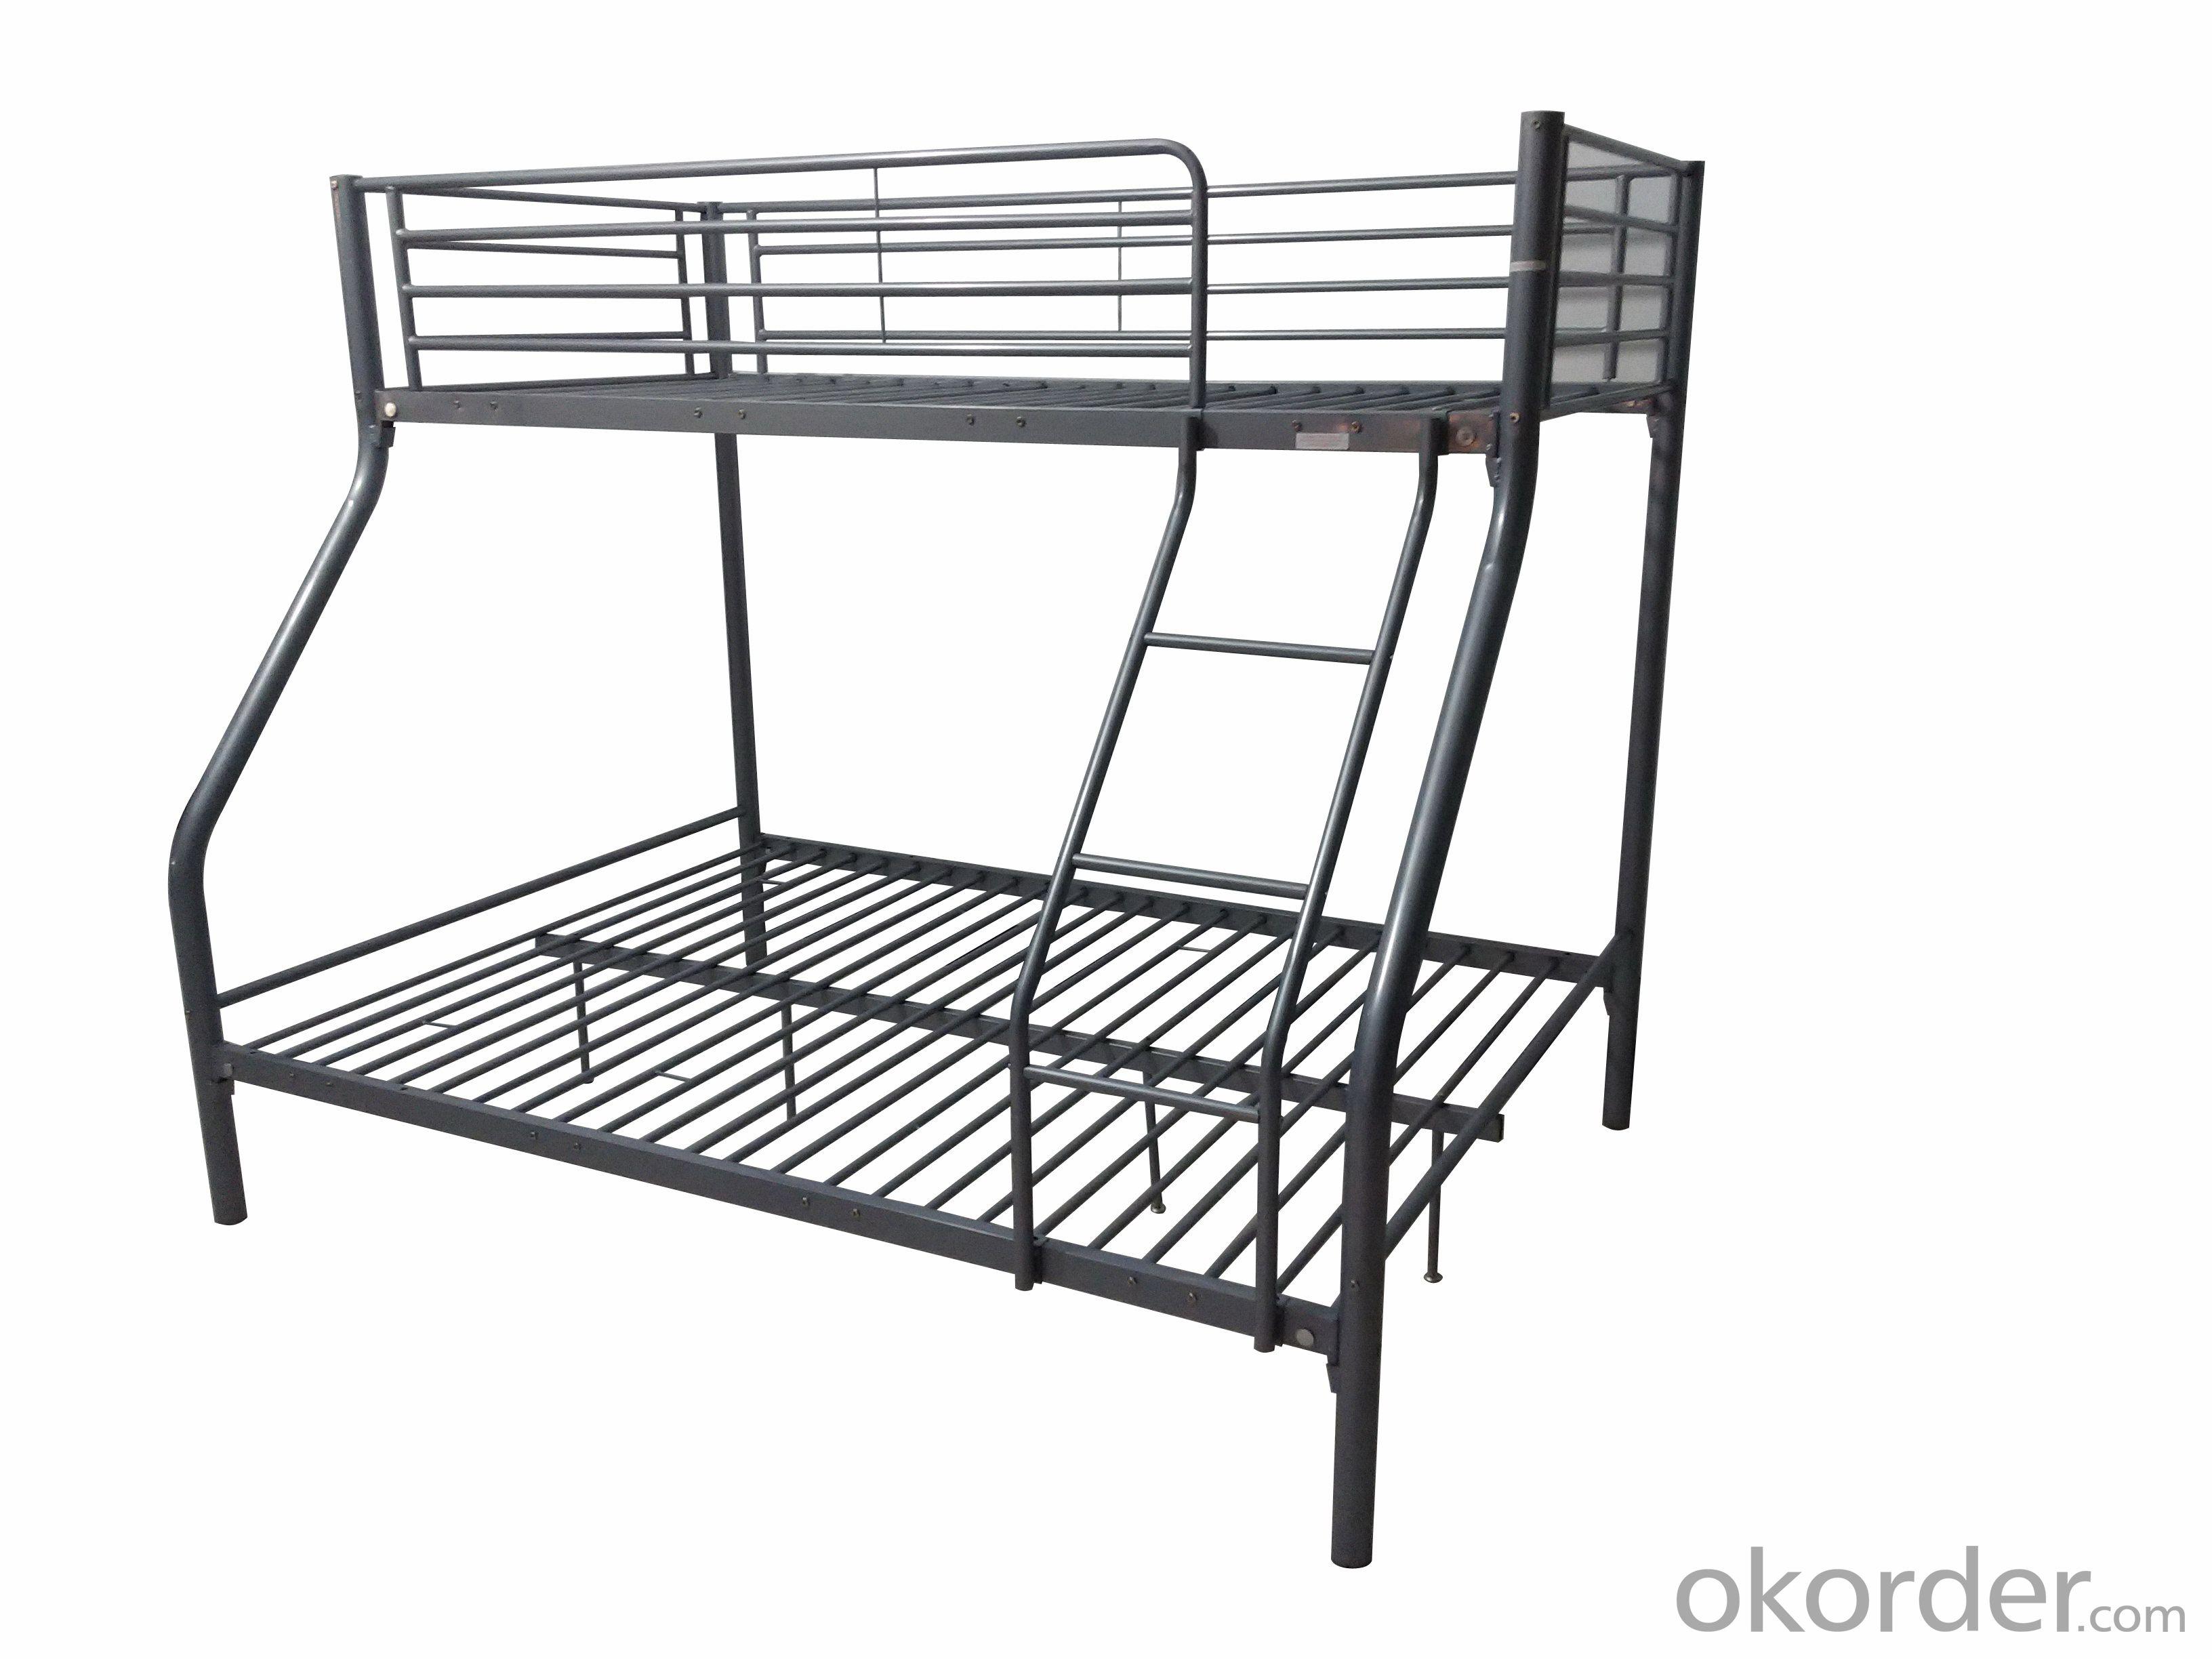 Buy Hot Sale Metal Bunk Beds Metal Beds Frame Dormitory